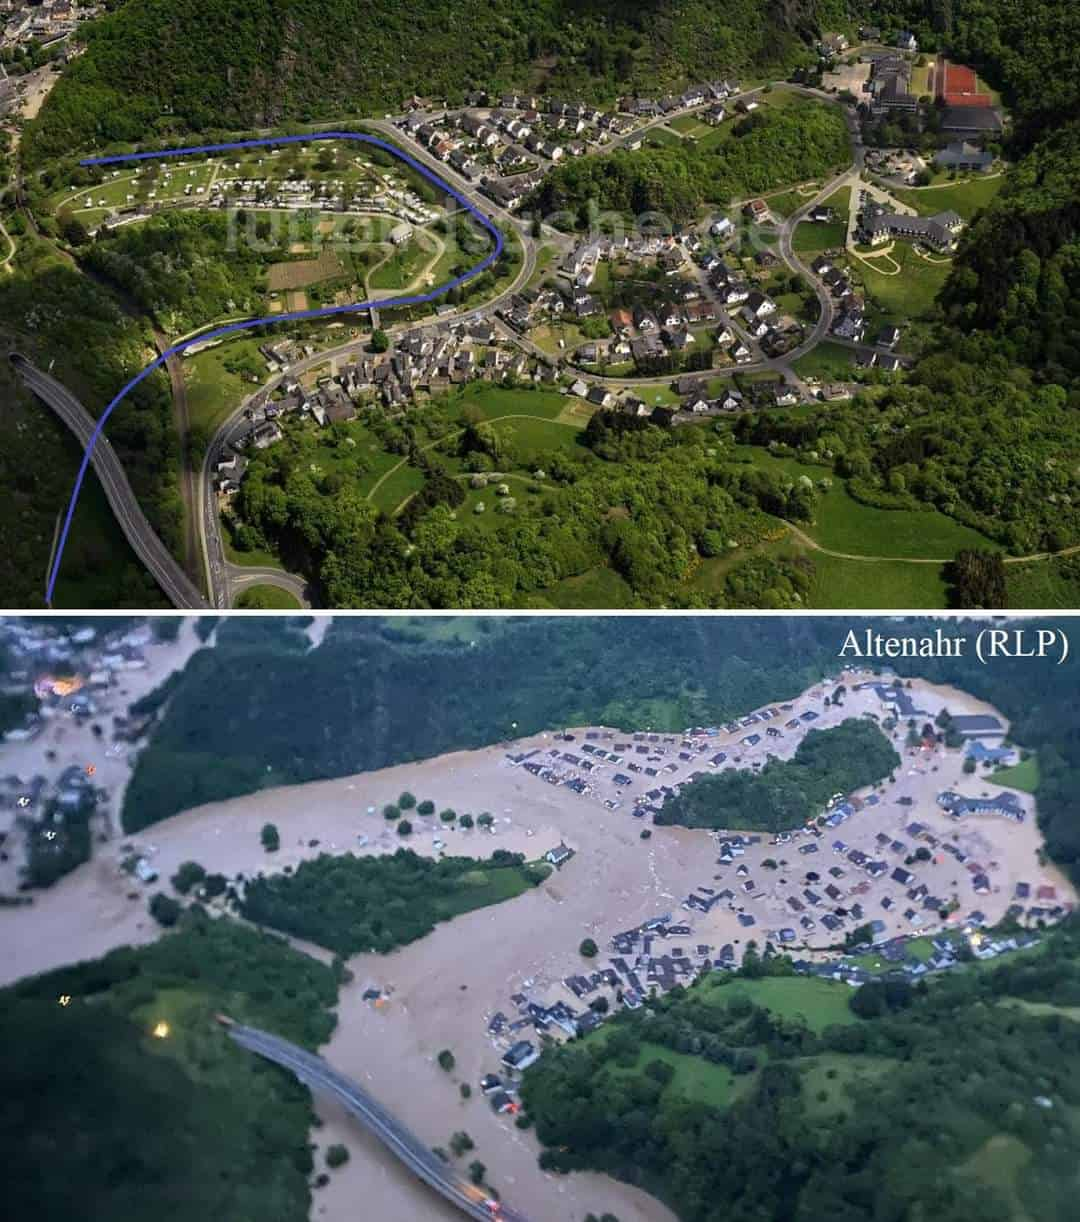 Cada 100 años el valle del Ahr en Alemania sufre una DANA como la de 2021 8